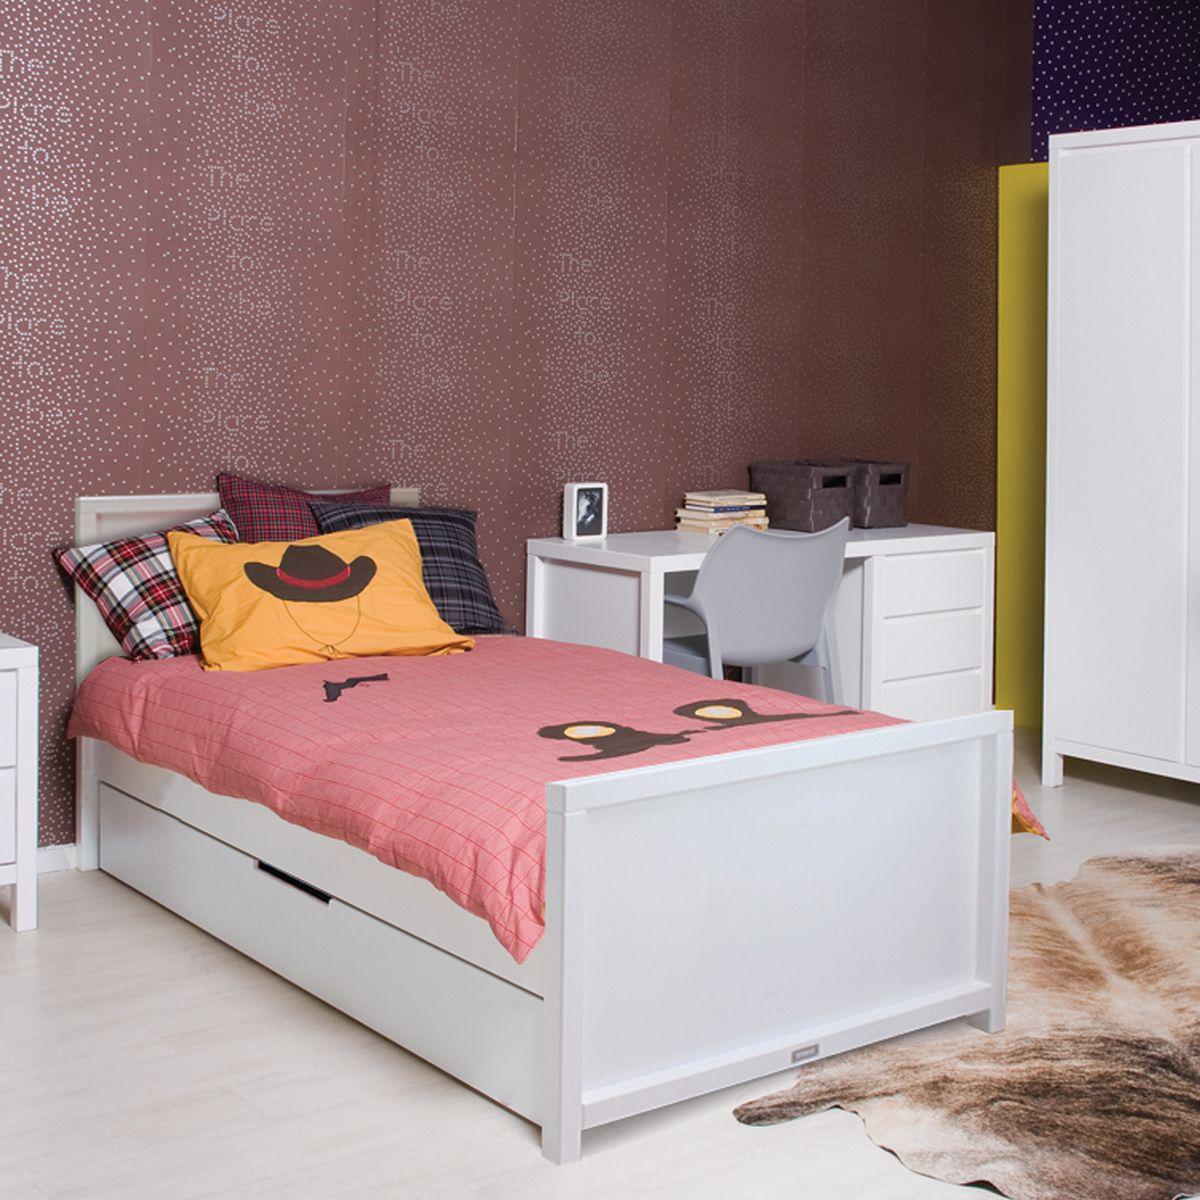 CORSICA by Bopita Lit 90x200 avec tete haute